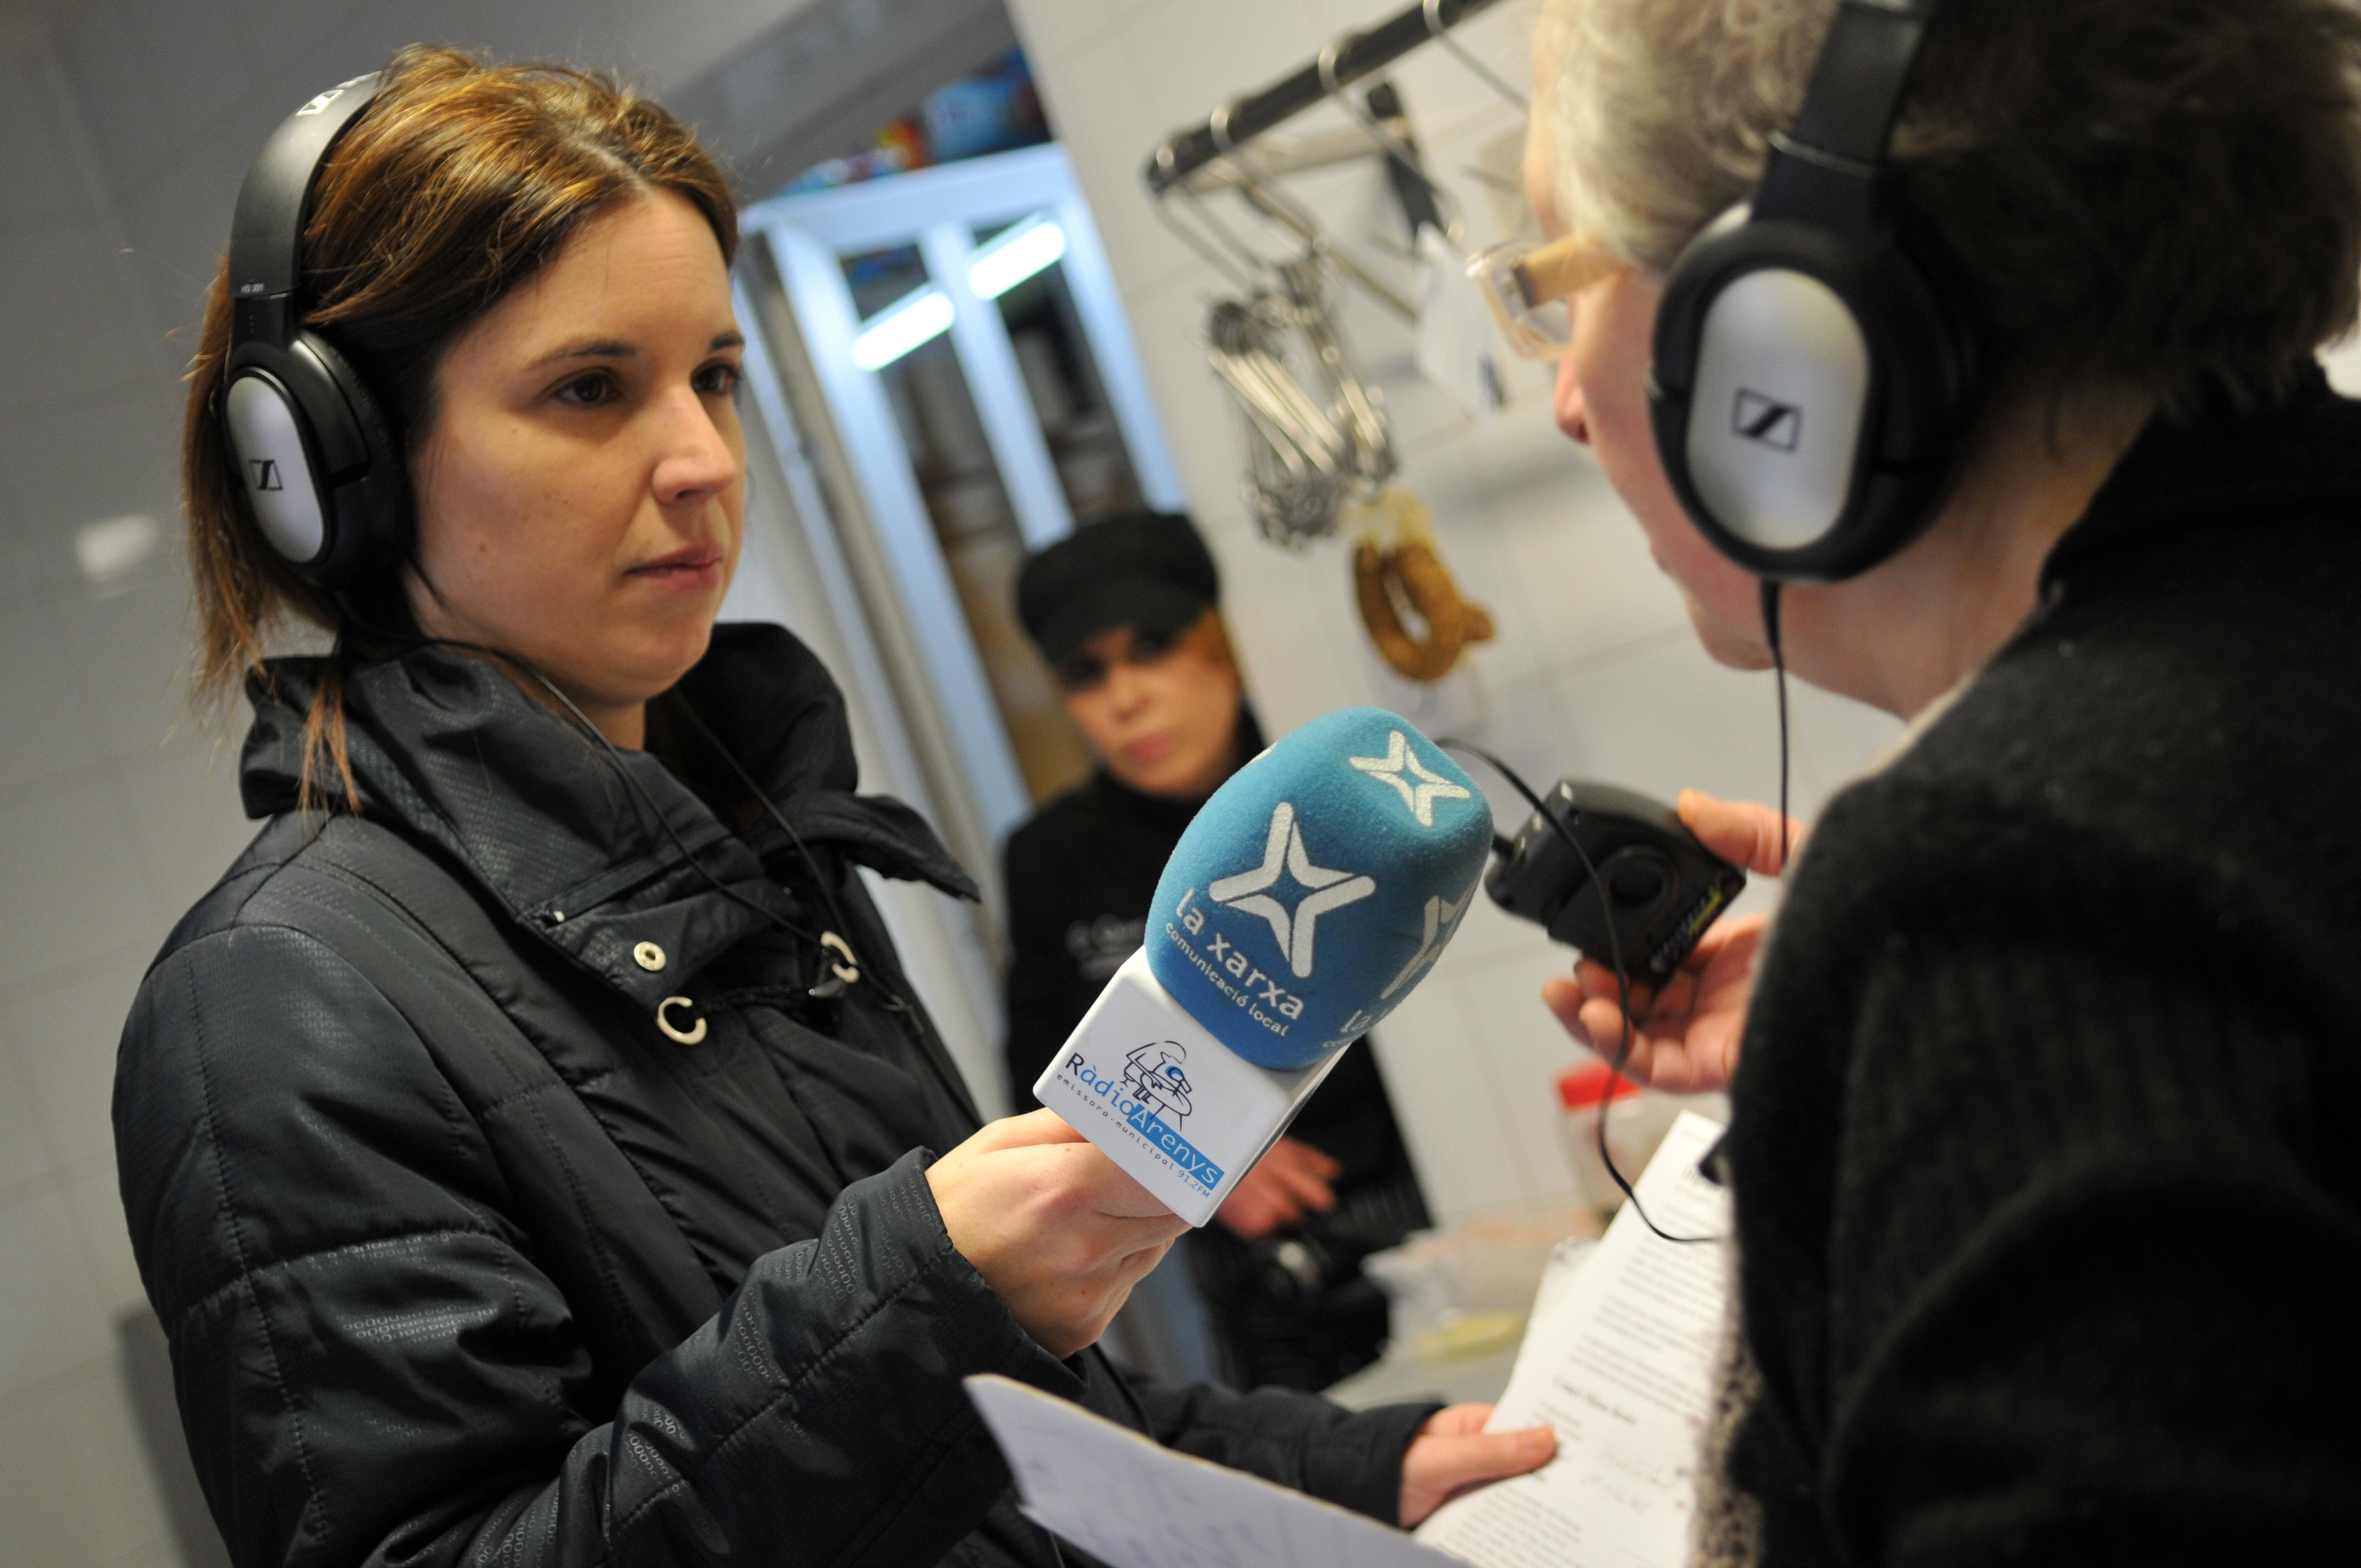 Les ràdios locals, com Ràdio Arenys, ofereixen cada vegada més contingut 'a la carta'   Foto: José Luis Gómez Galarzo